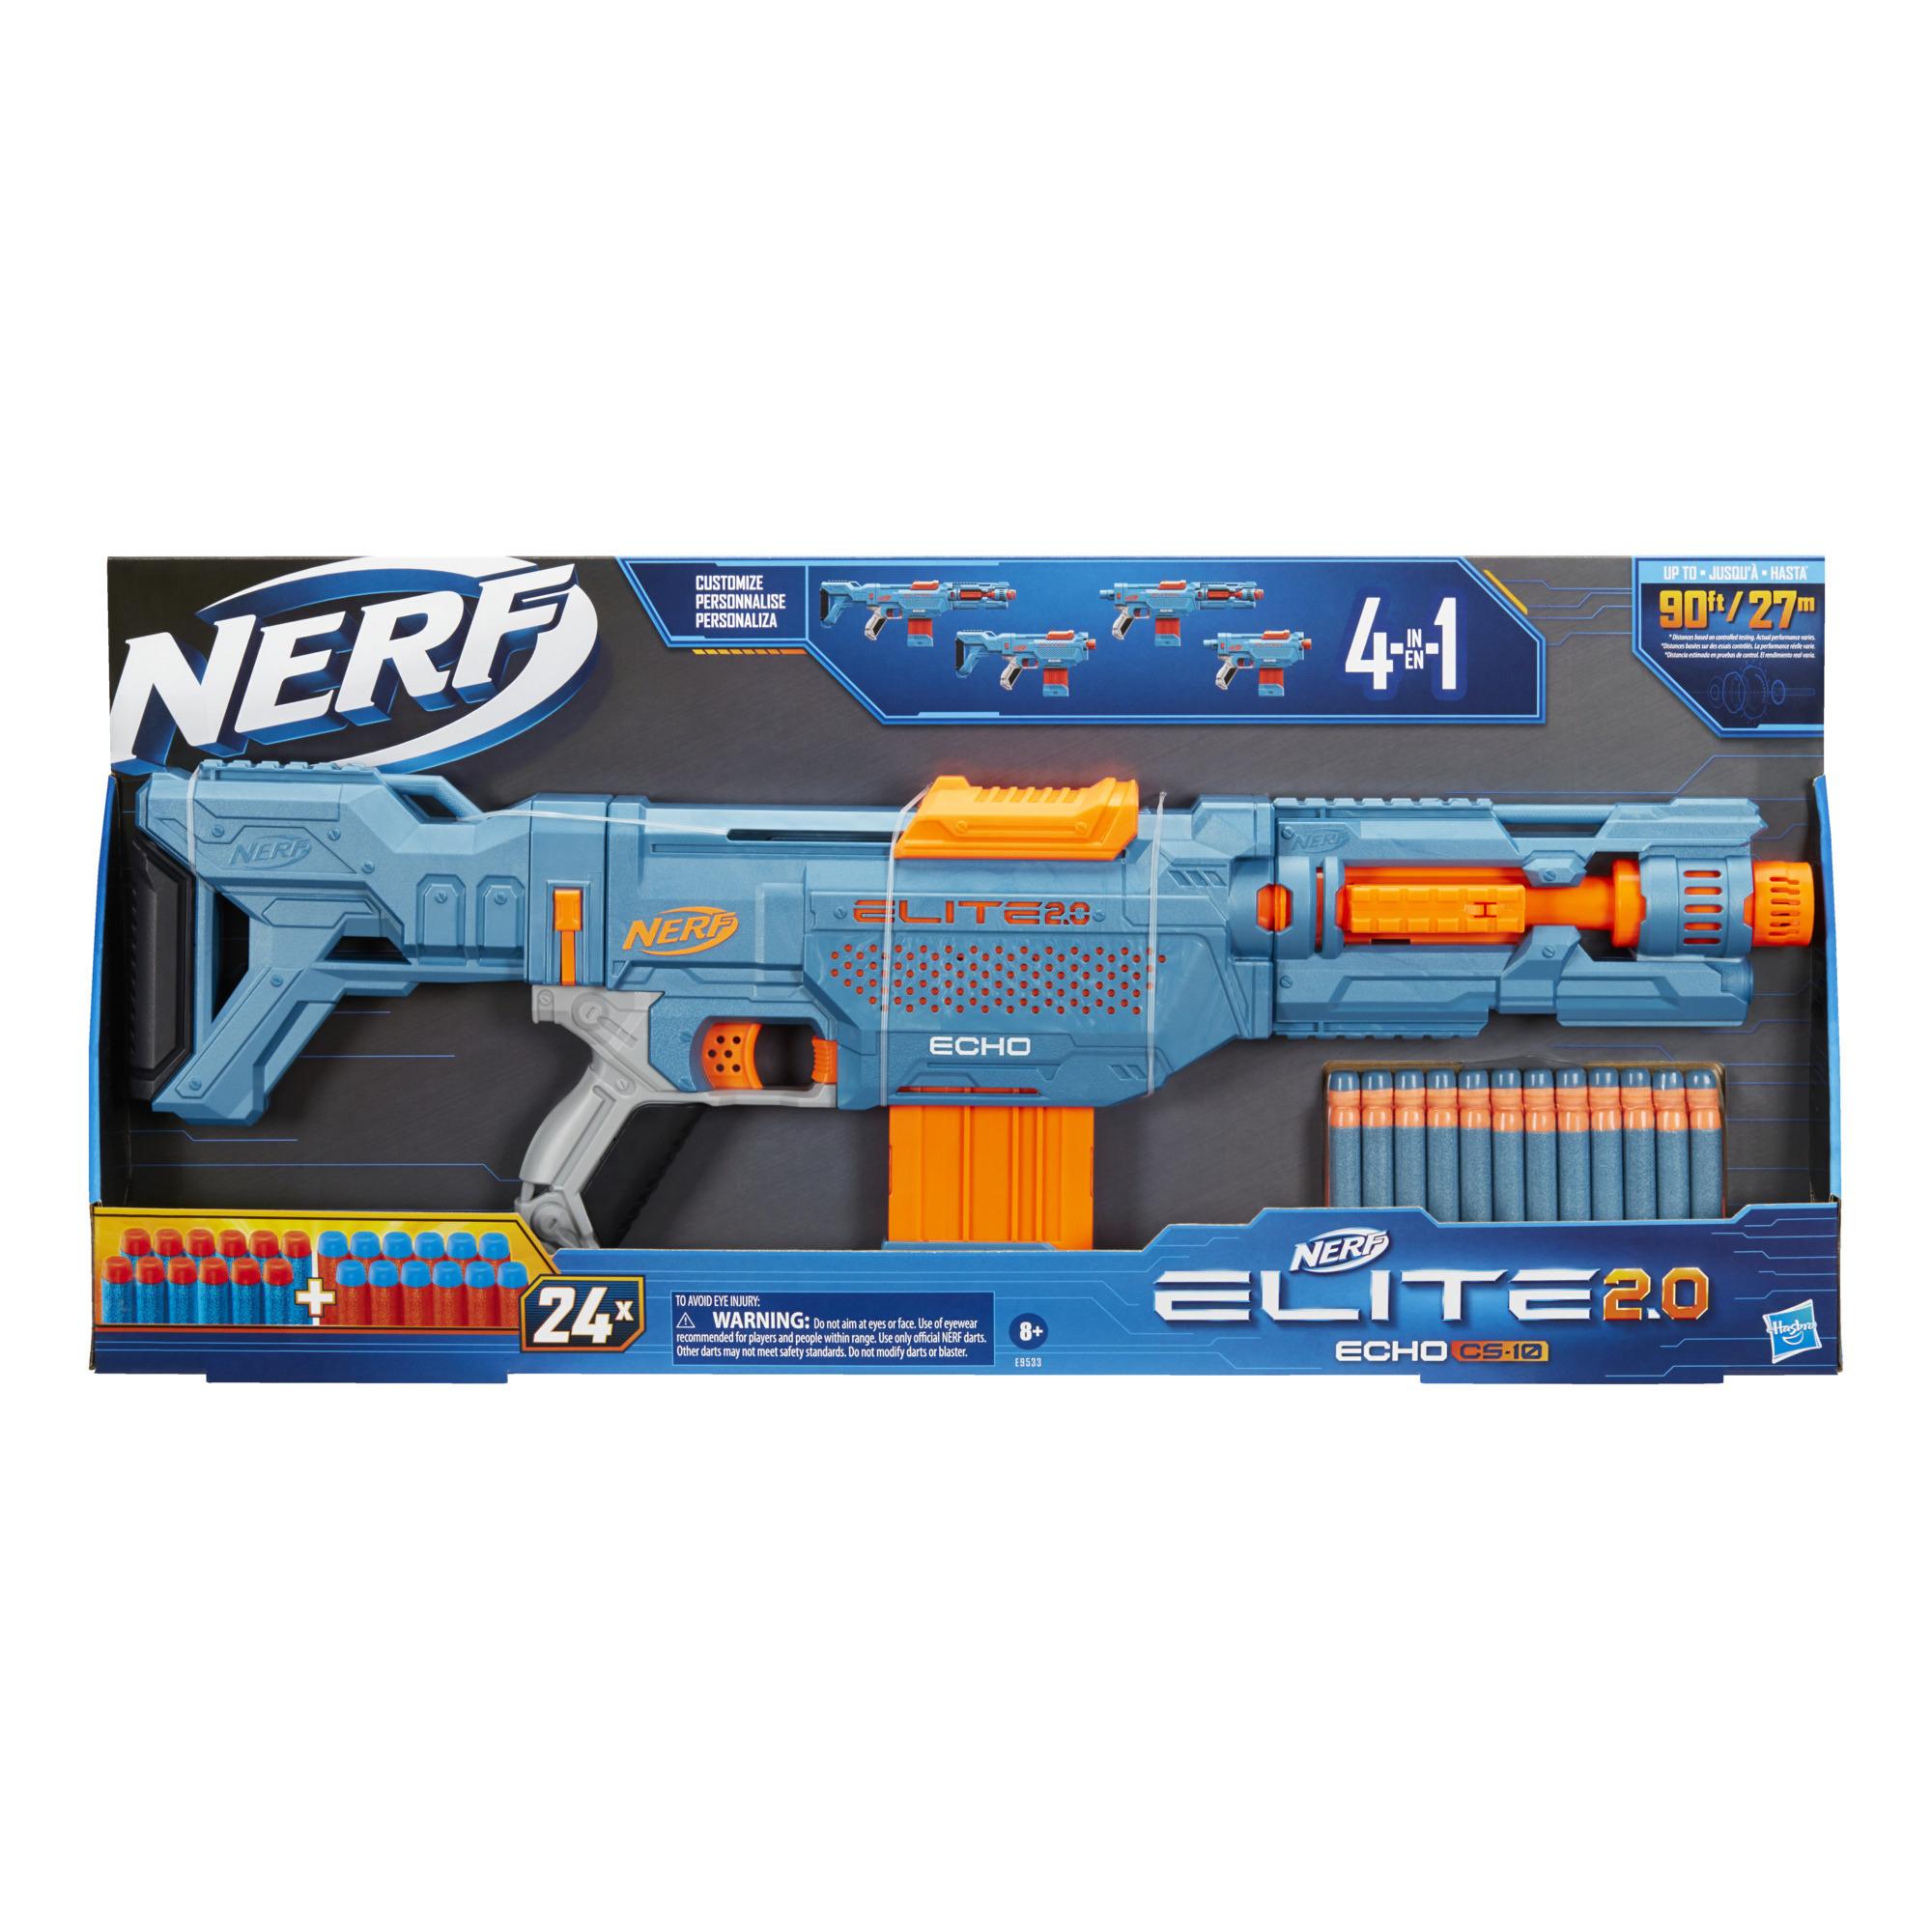 Nerf Elite 2.0 Echo CS-10 Blaster, 24 Nerf-nuolta, 10 nuolen lipas, irrotettava tukki ja piipun jatkokappale, 4 taktista kiskoa